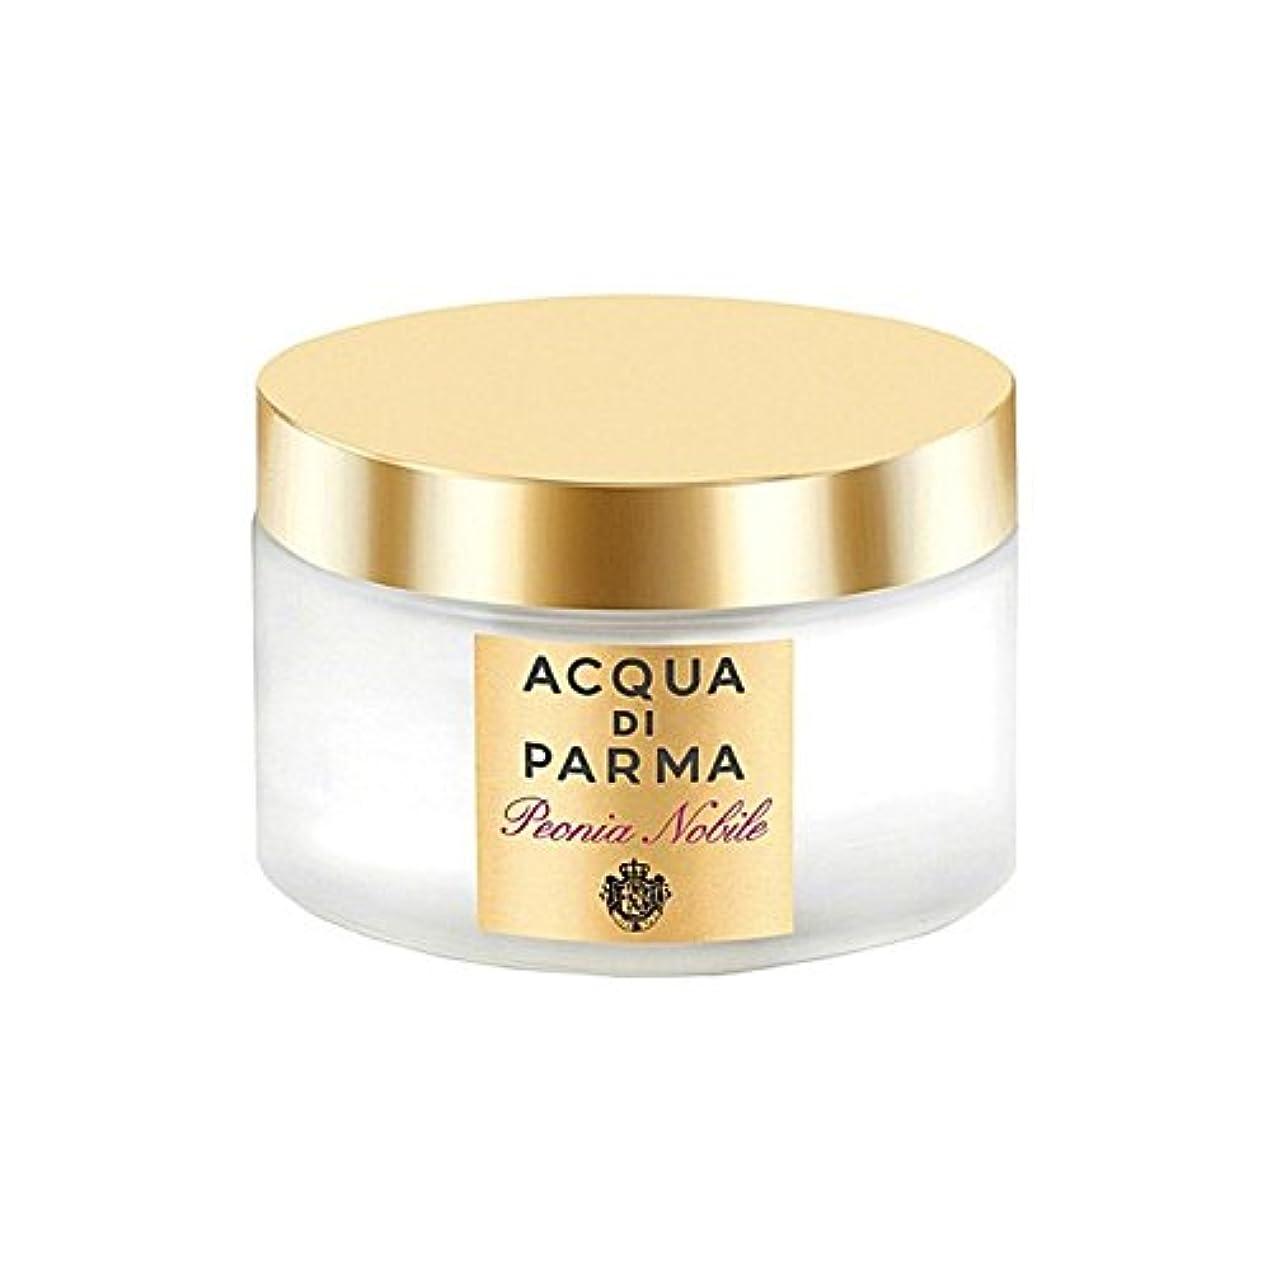 作成する保安保存するアクアディパルマノビレボディクリーム150ミリリットル x4 - Acqua Di Parma Peonia Nobile Body Cream 150ml (Pack of 4) [並行輸入品]